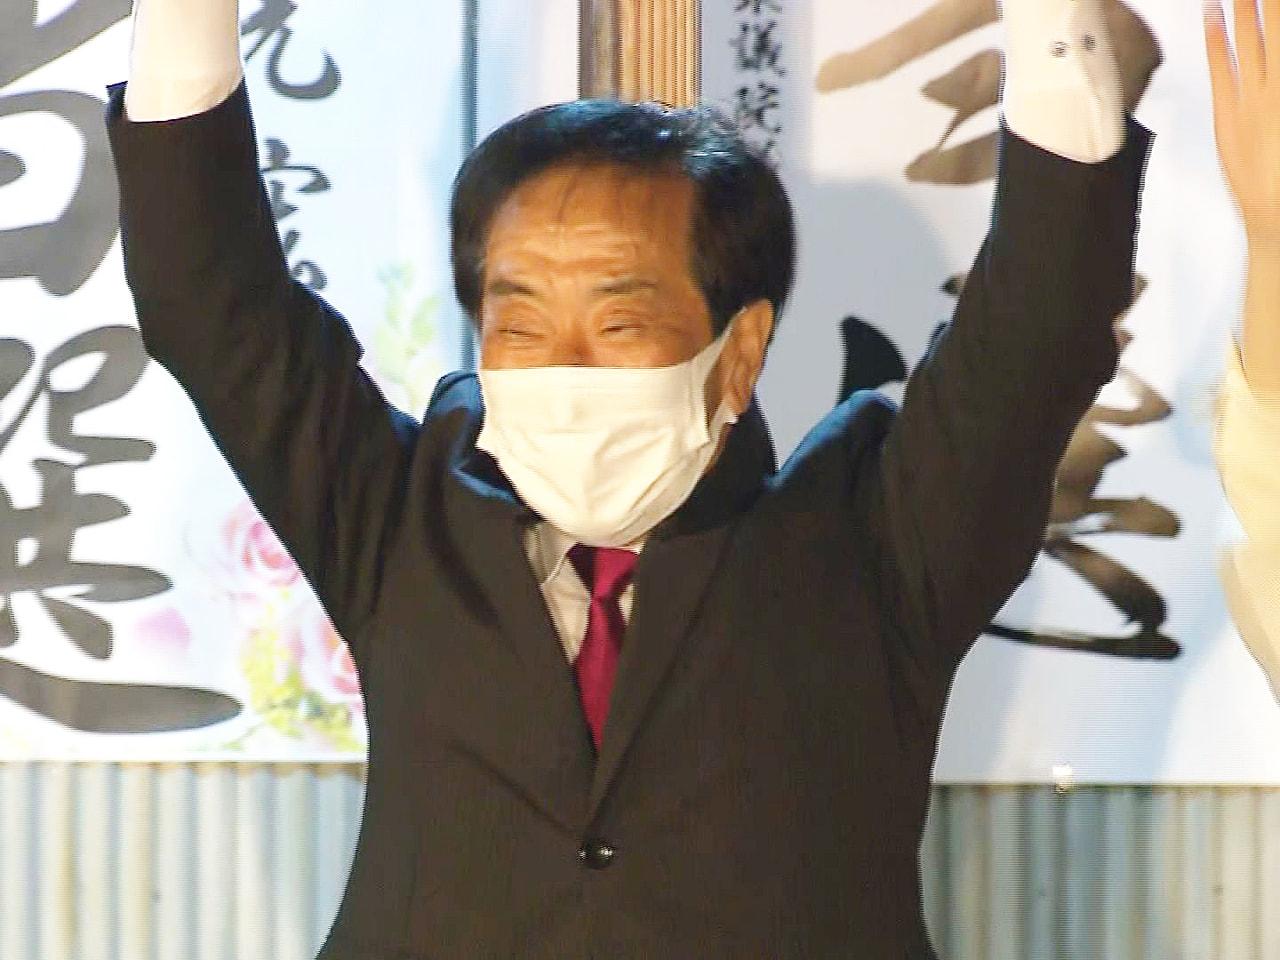 任期満了に伴う岐阜県加茂郡川辺町の町長選挙は25日、投開票され、現職の佐藤光宏さ...